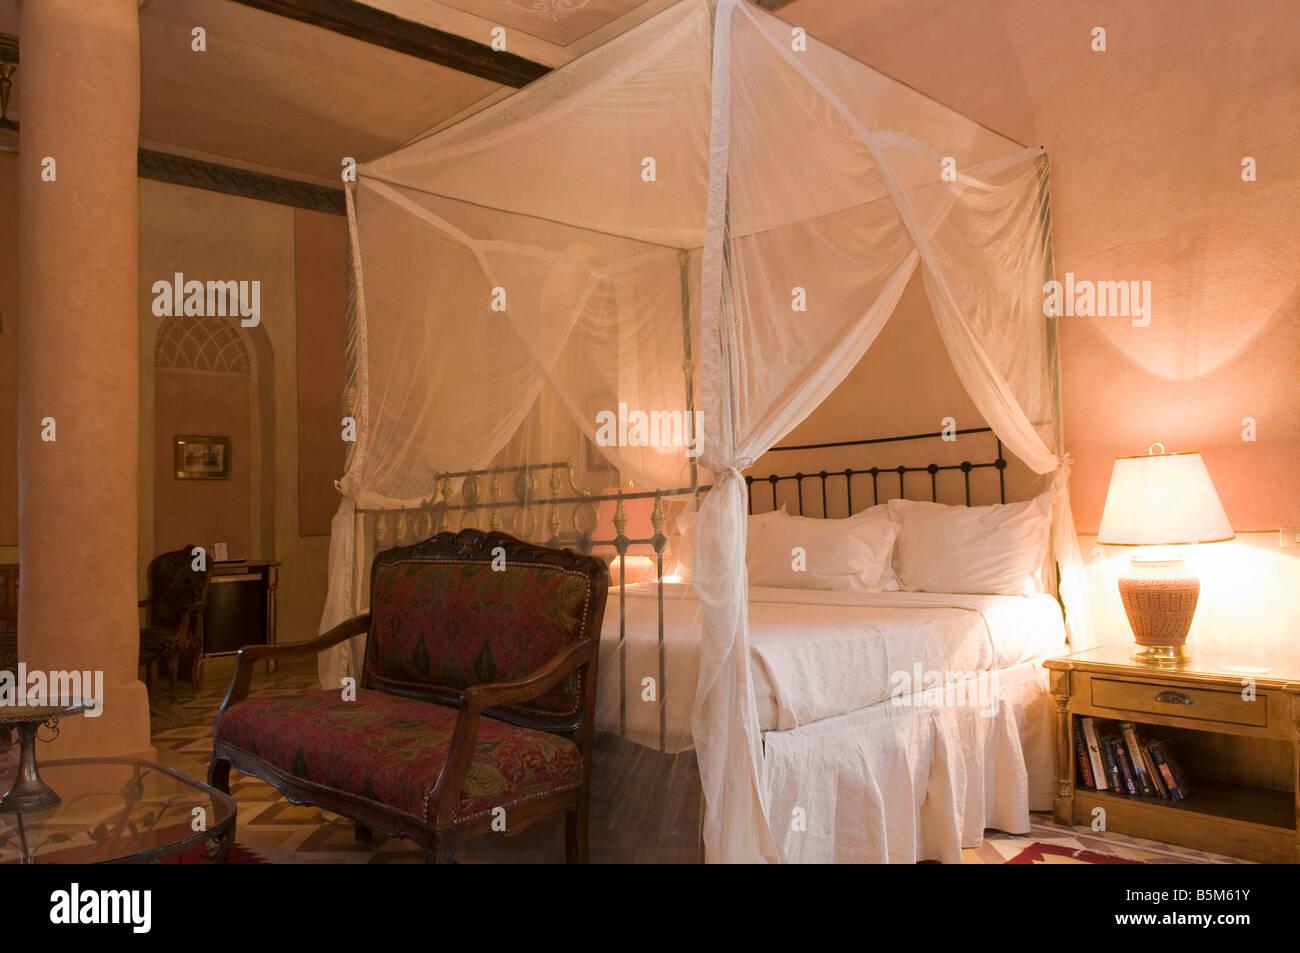 Zanzariera Da Letto : Una camera da letto con un drappo zanzariera in al moudira hotel